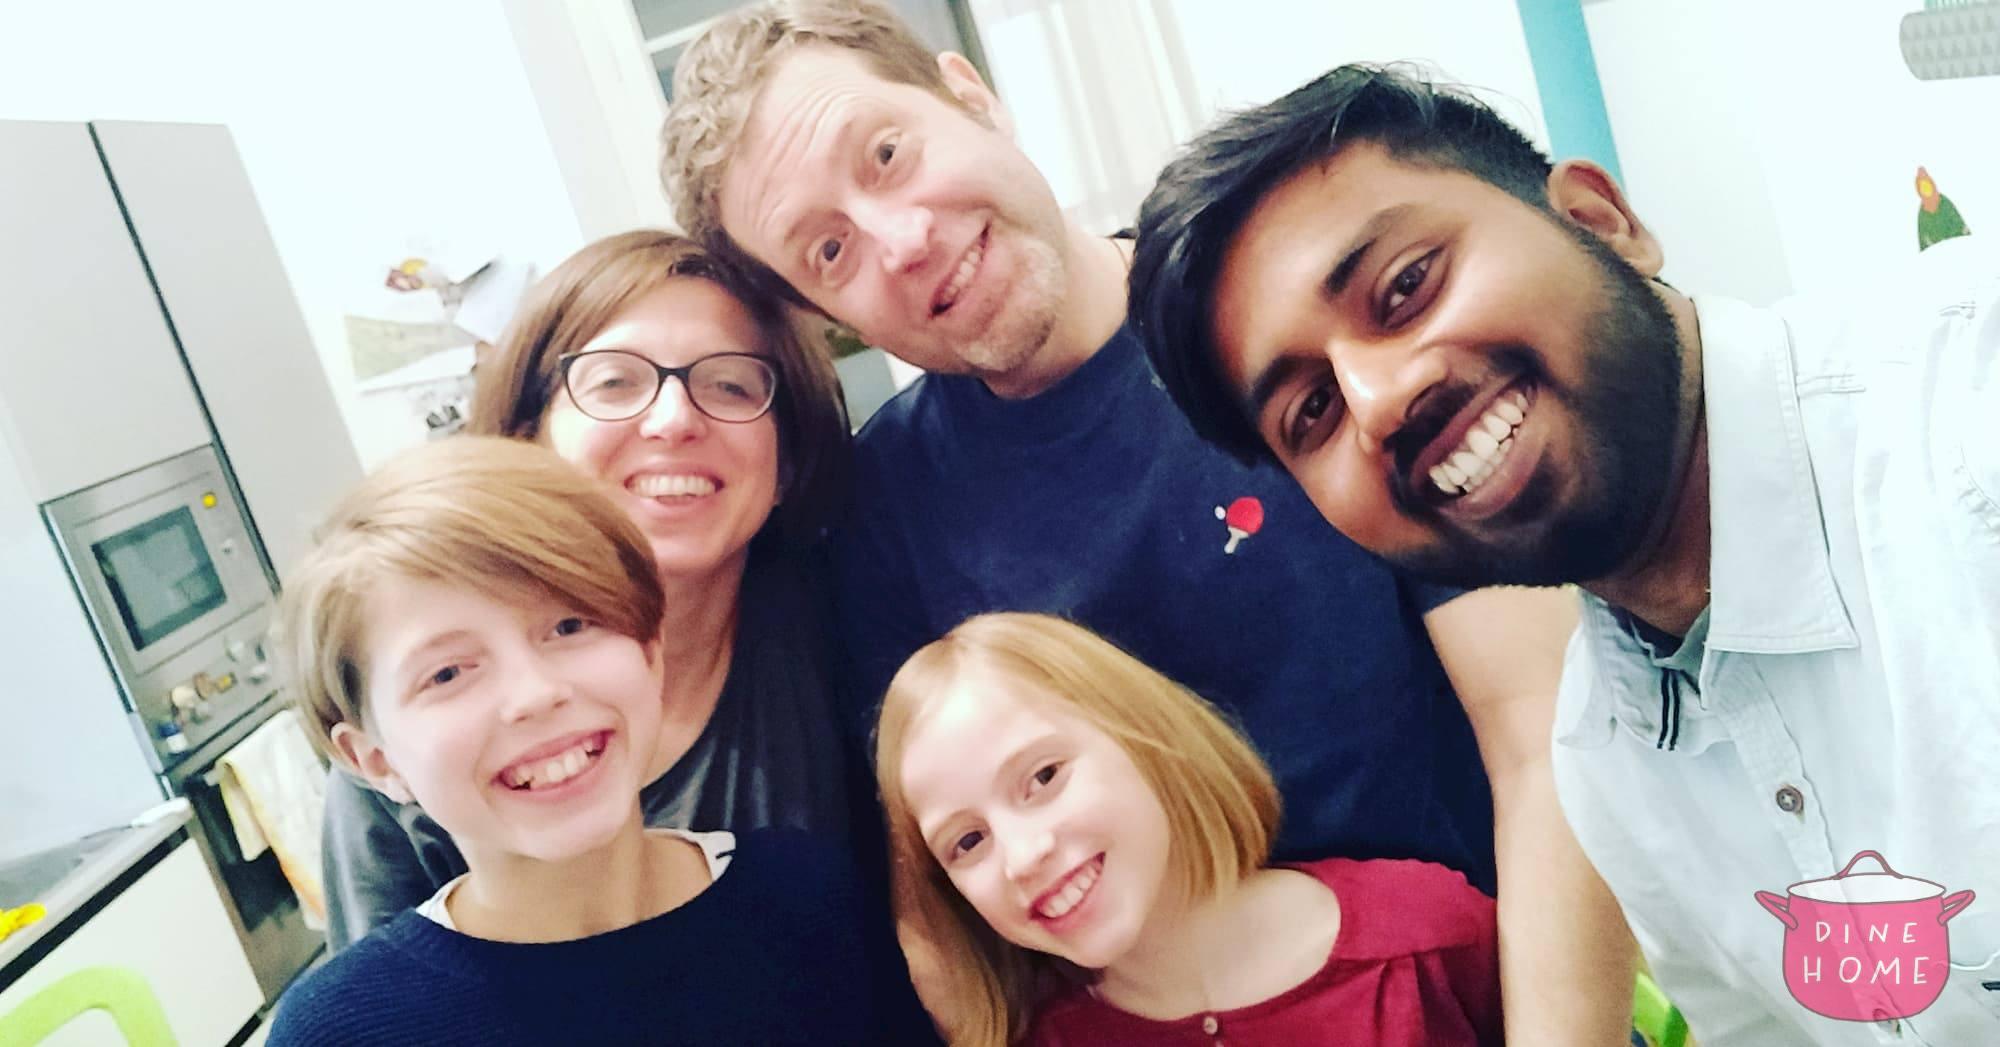 Karthick, studente dall'India, a cena dalla sua famiglia Dinehome.